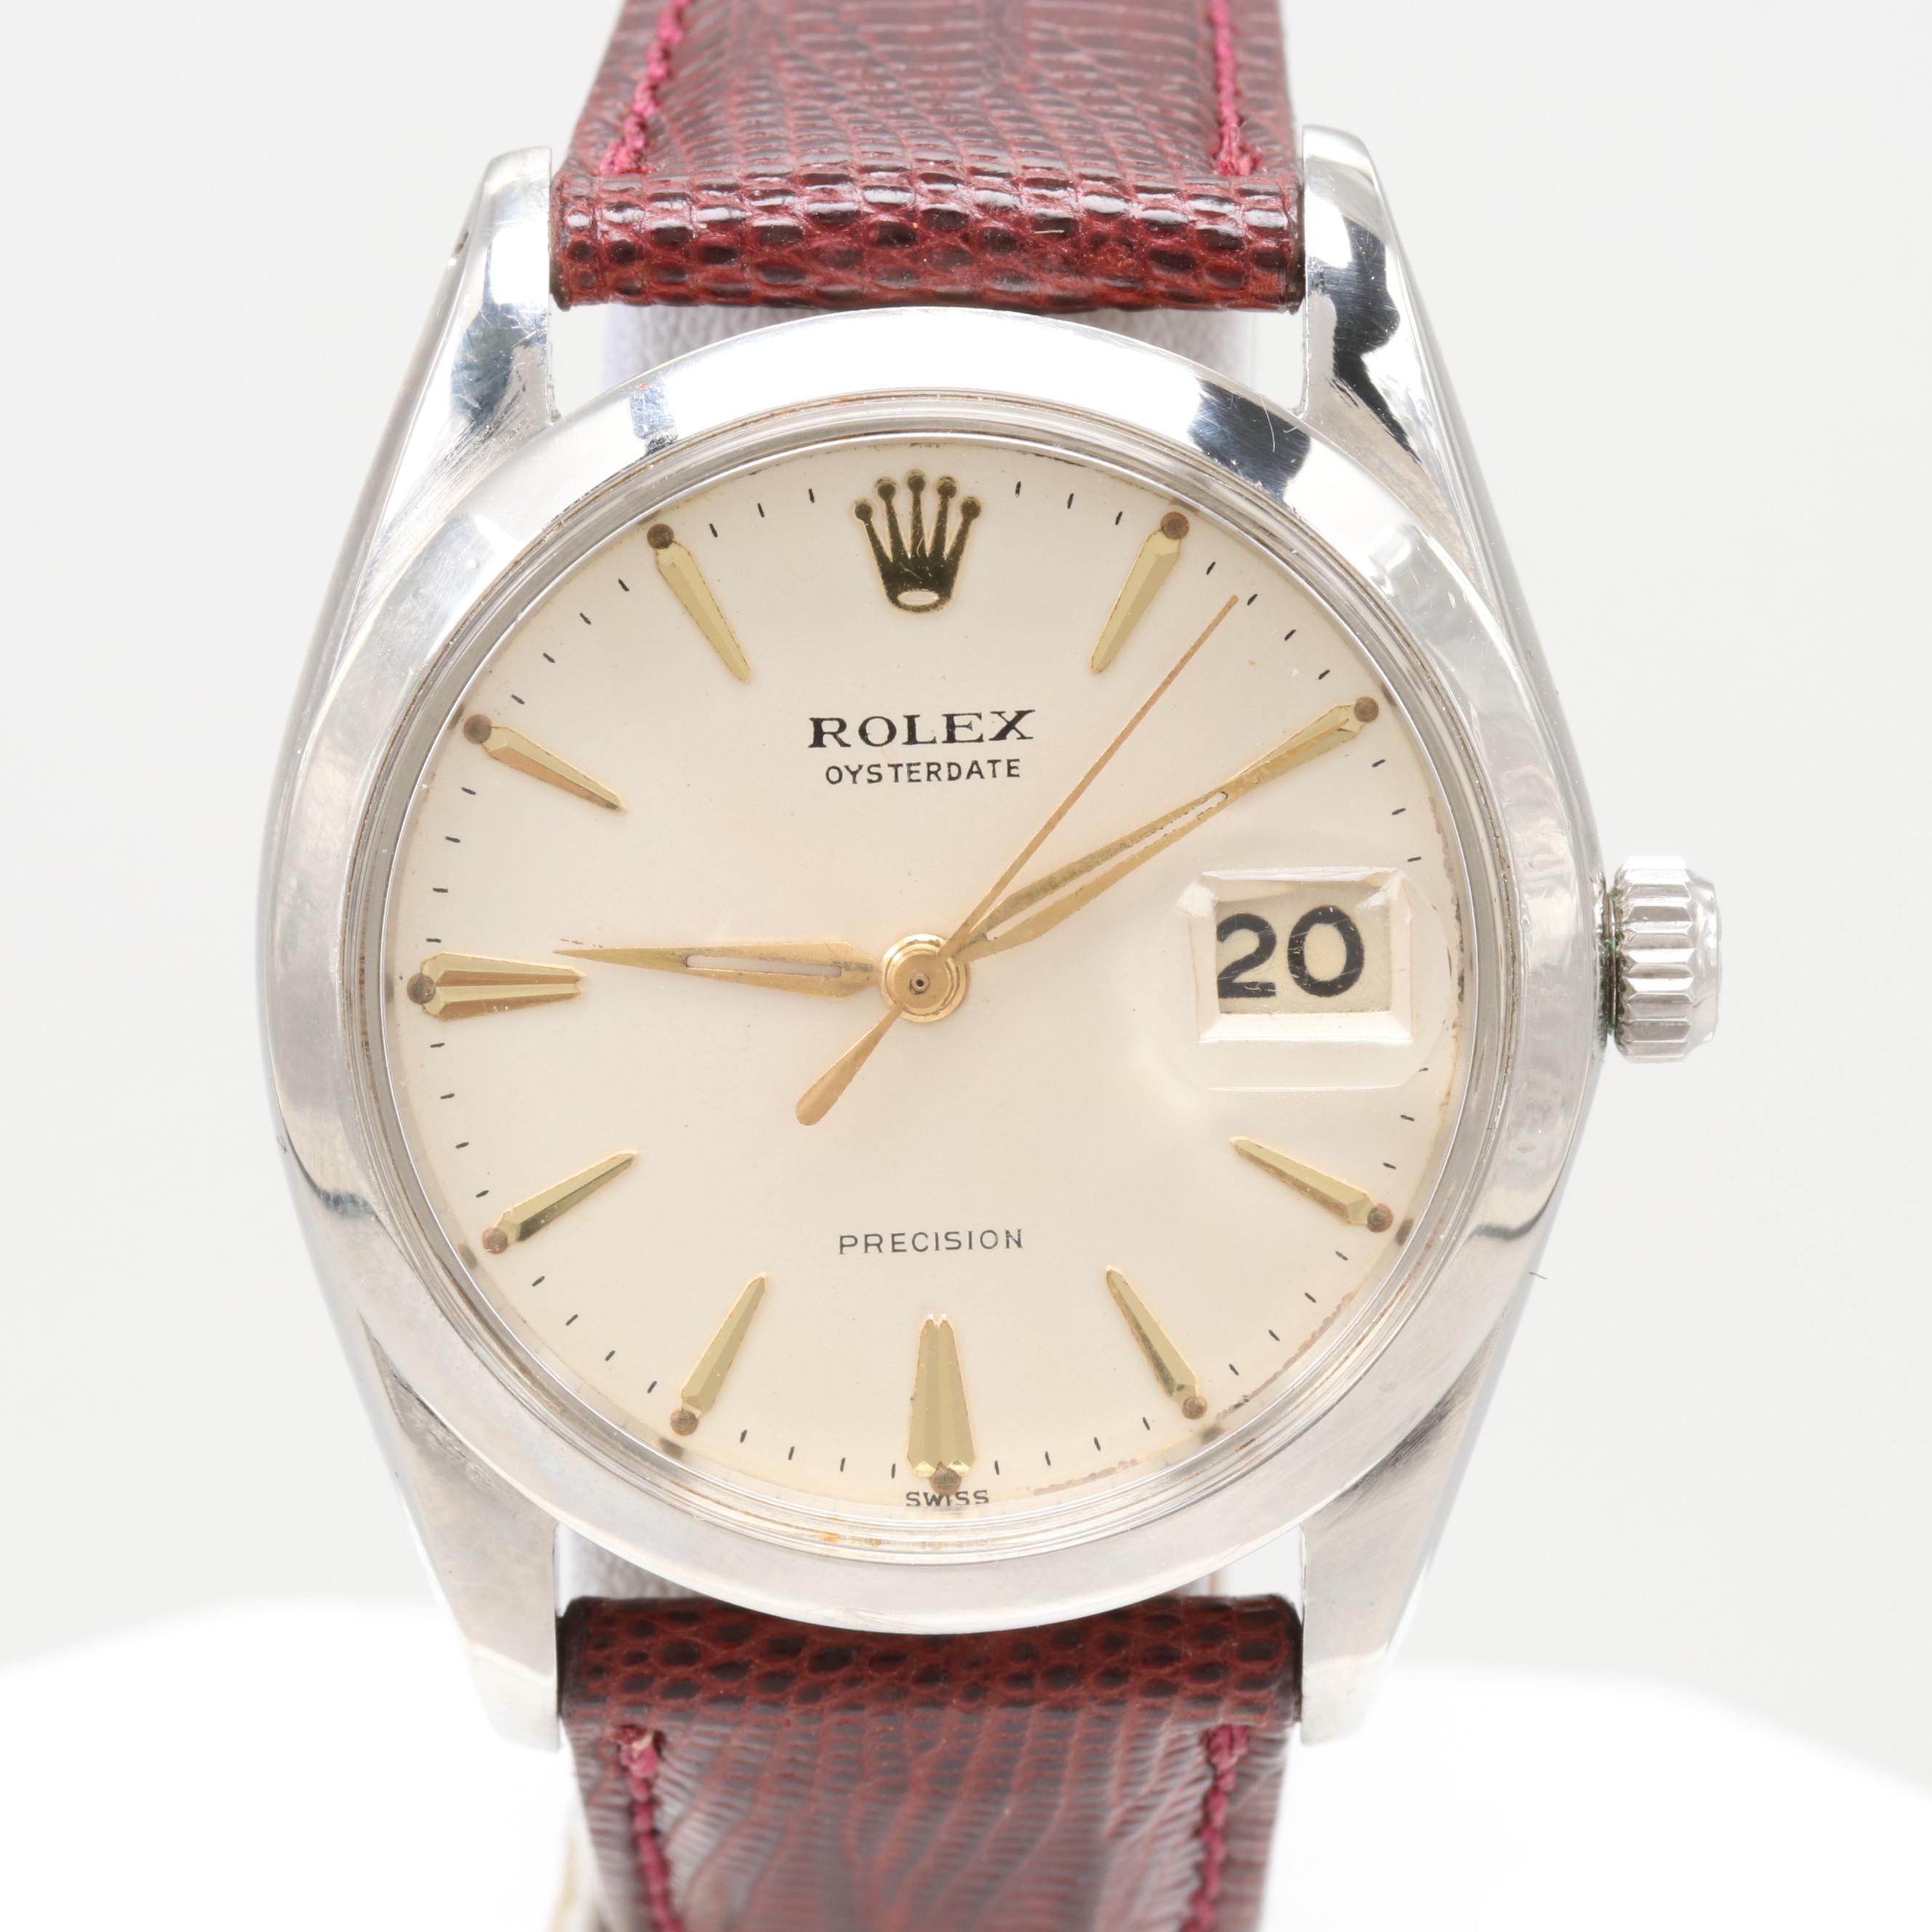 Vintage Rolex Oysterdate Precision Stainless Steel Wristwatch, 1962